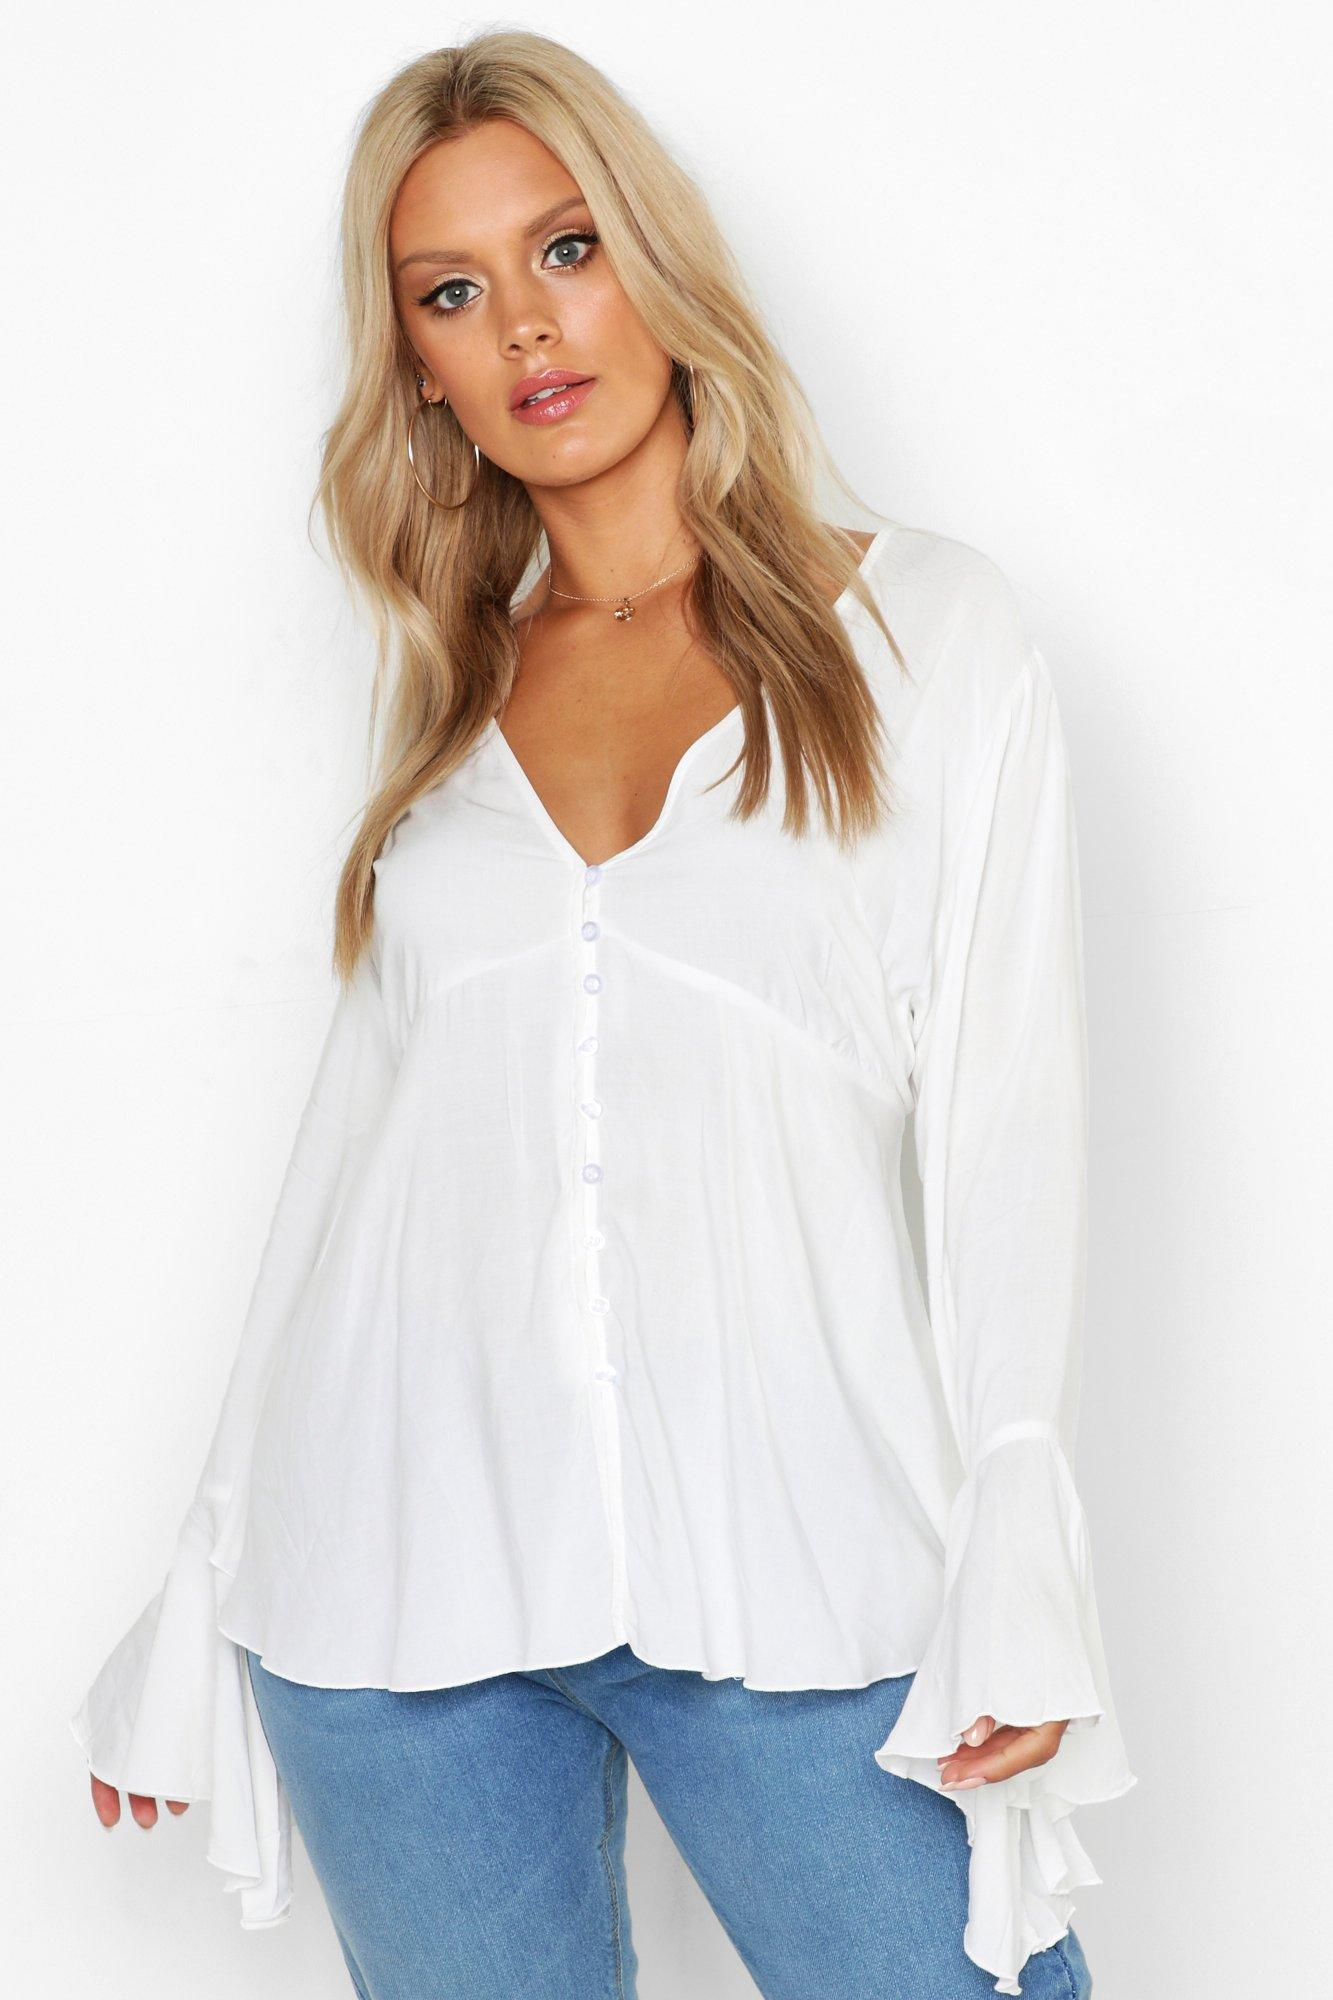 Womens Plus Tief ausgeschnittene Bluse mit ausgestellten Ärmeln und Knopfleiste - Weiß - 48, Weiß - Boohoo.com